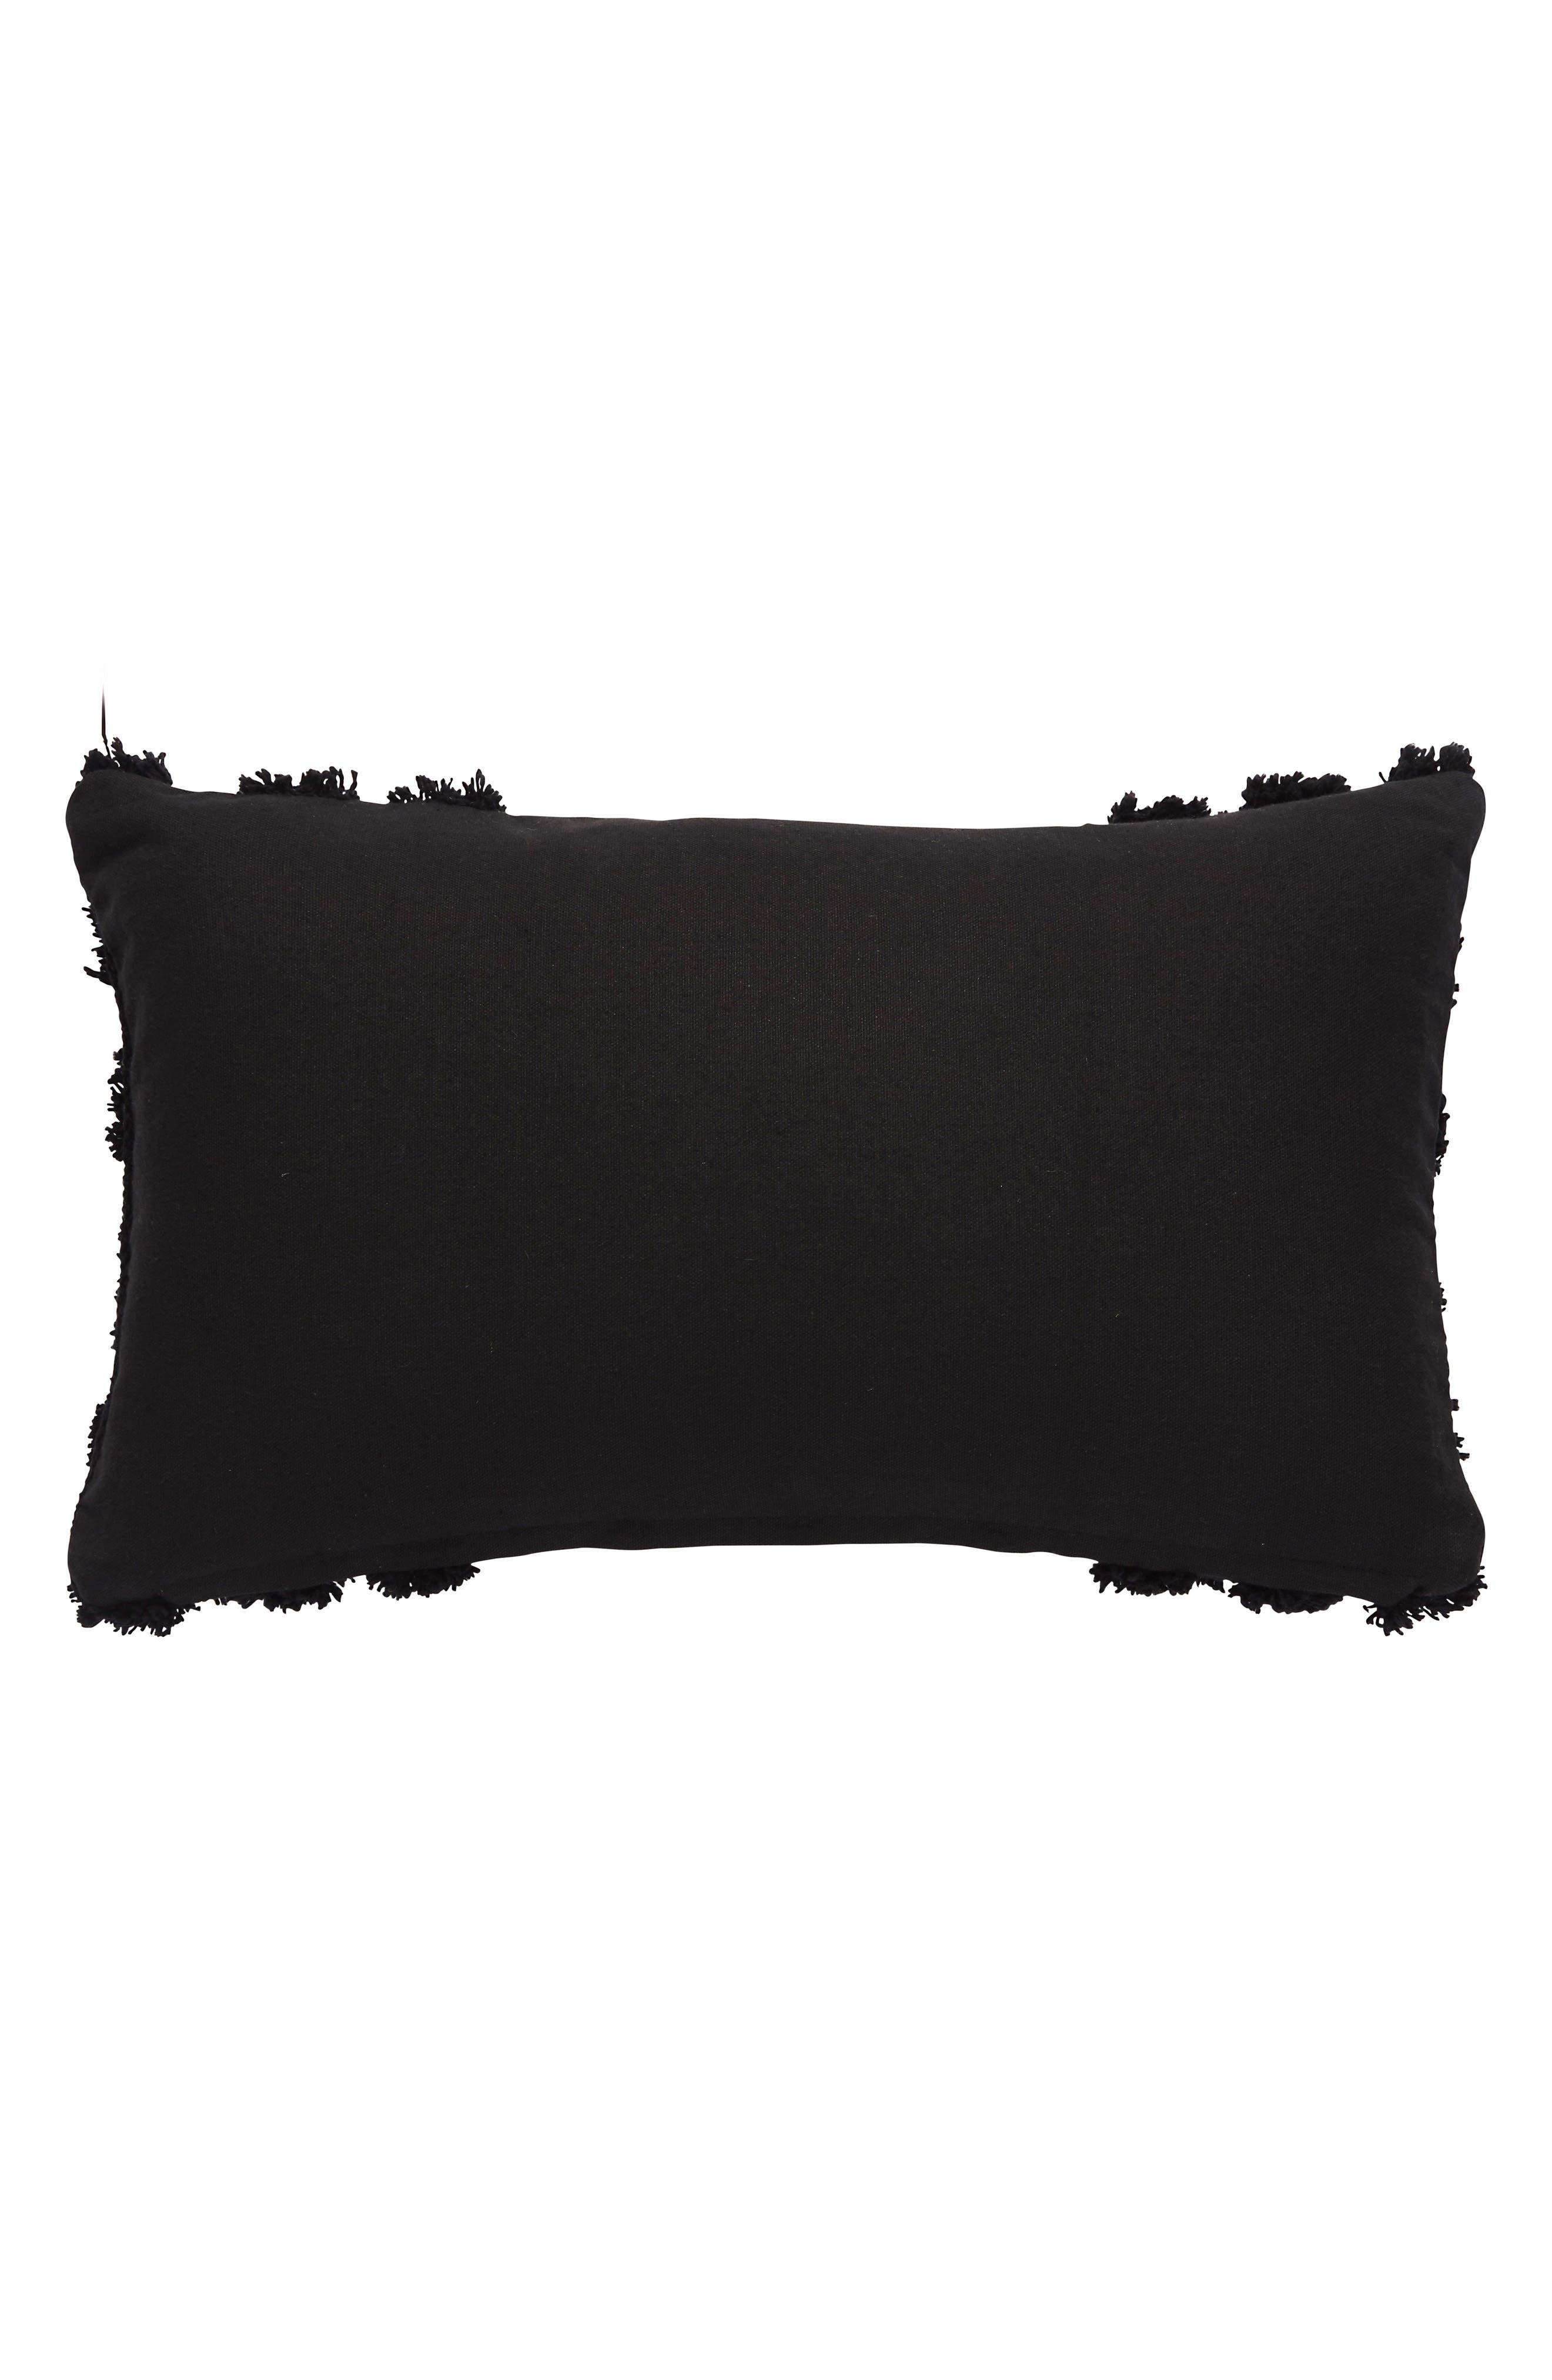 Accent Pillow,                             Alternate thumbnail 2, color,                             Black